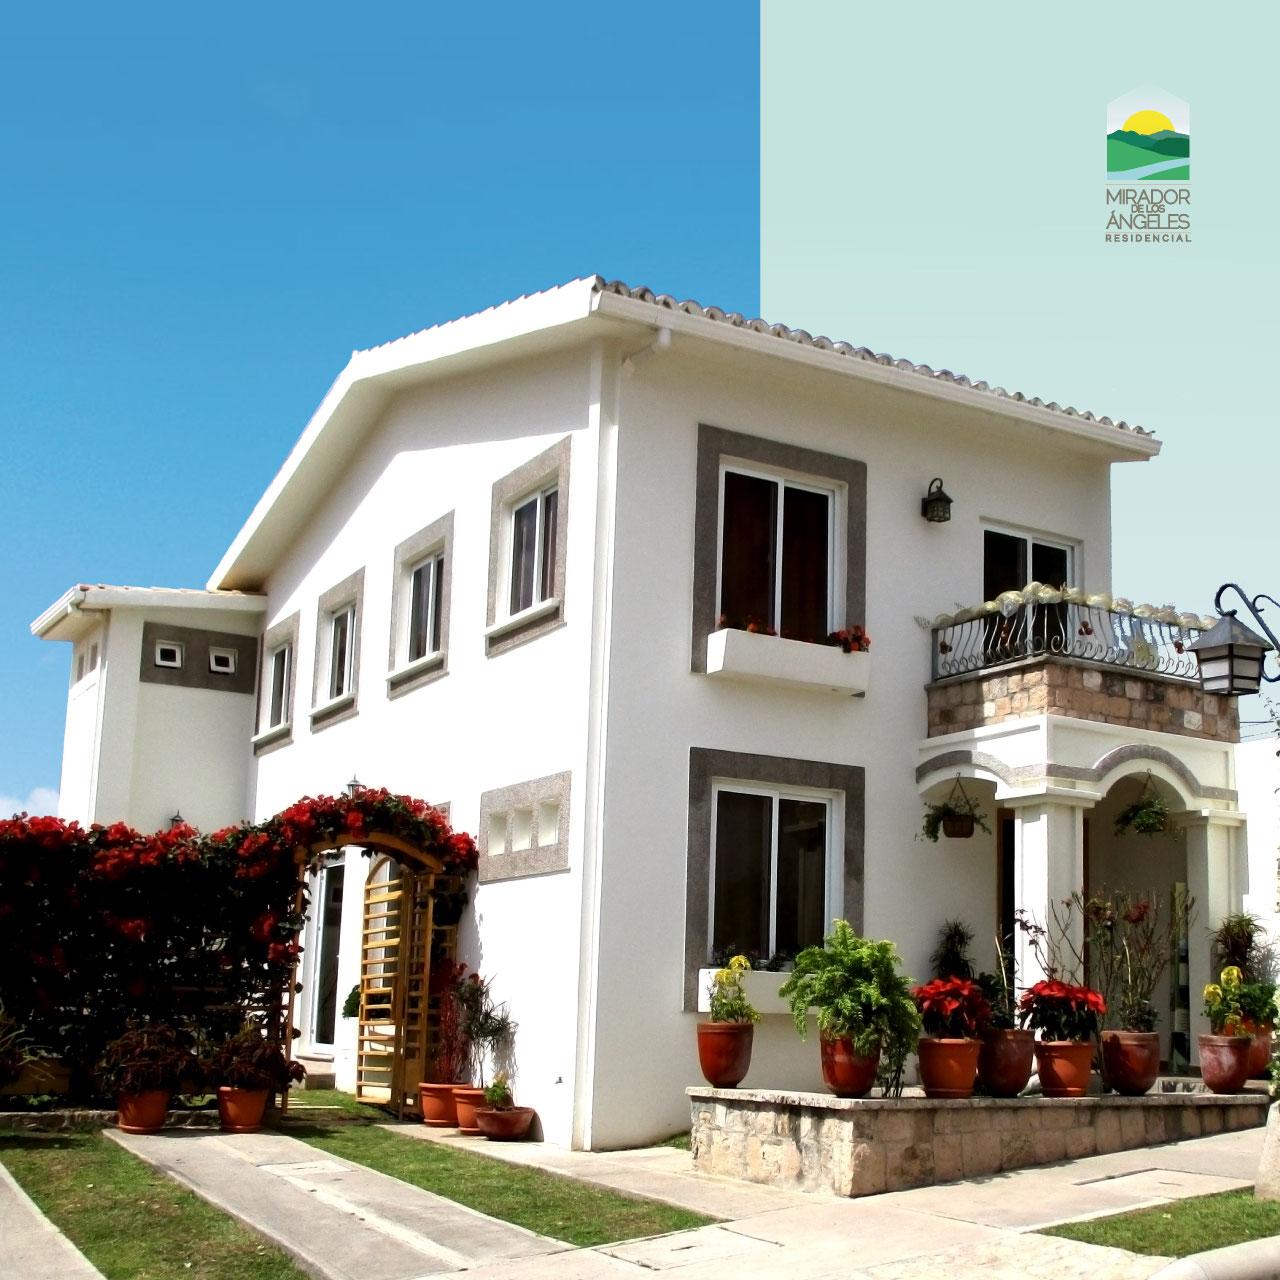 Modelos casas res mirador de los ngeles for Casa de dos plantas en honduras